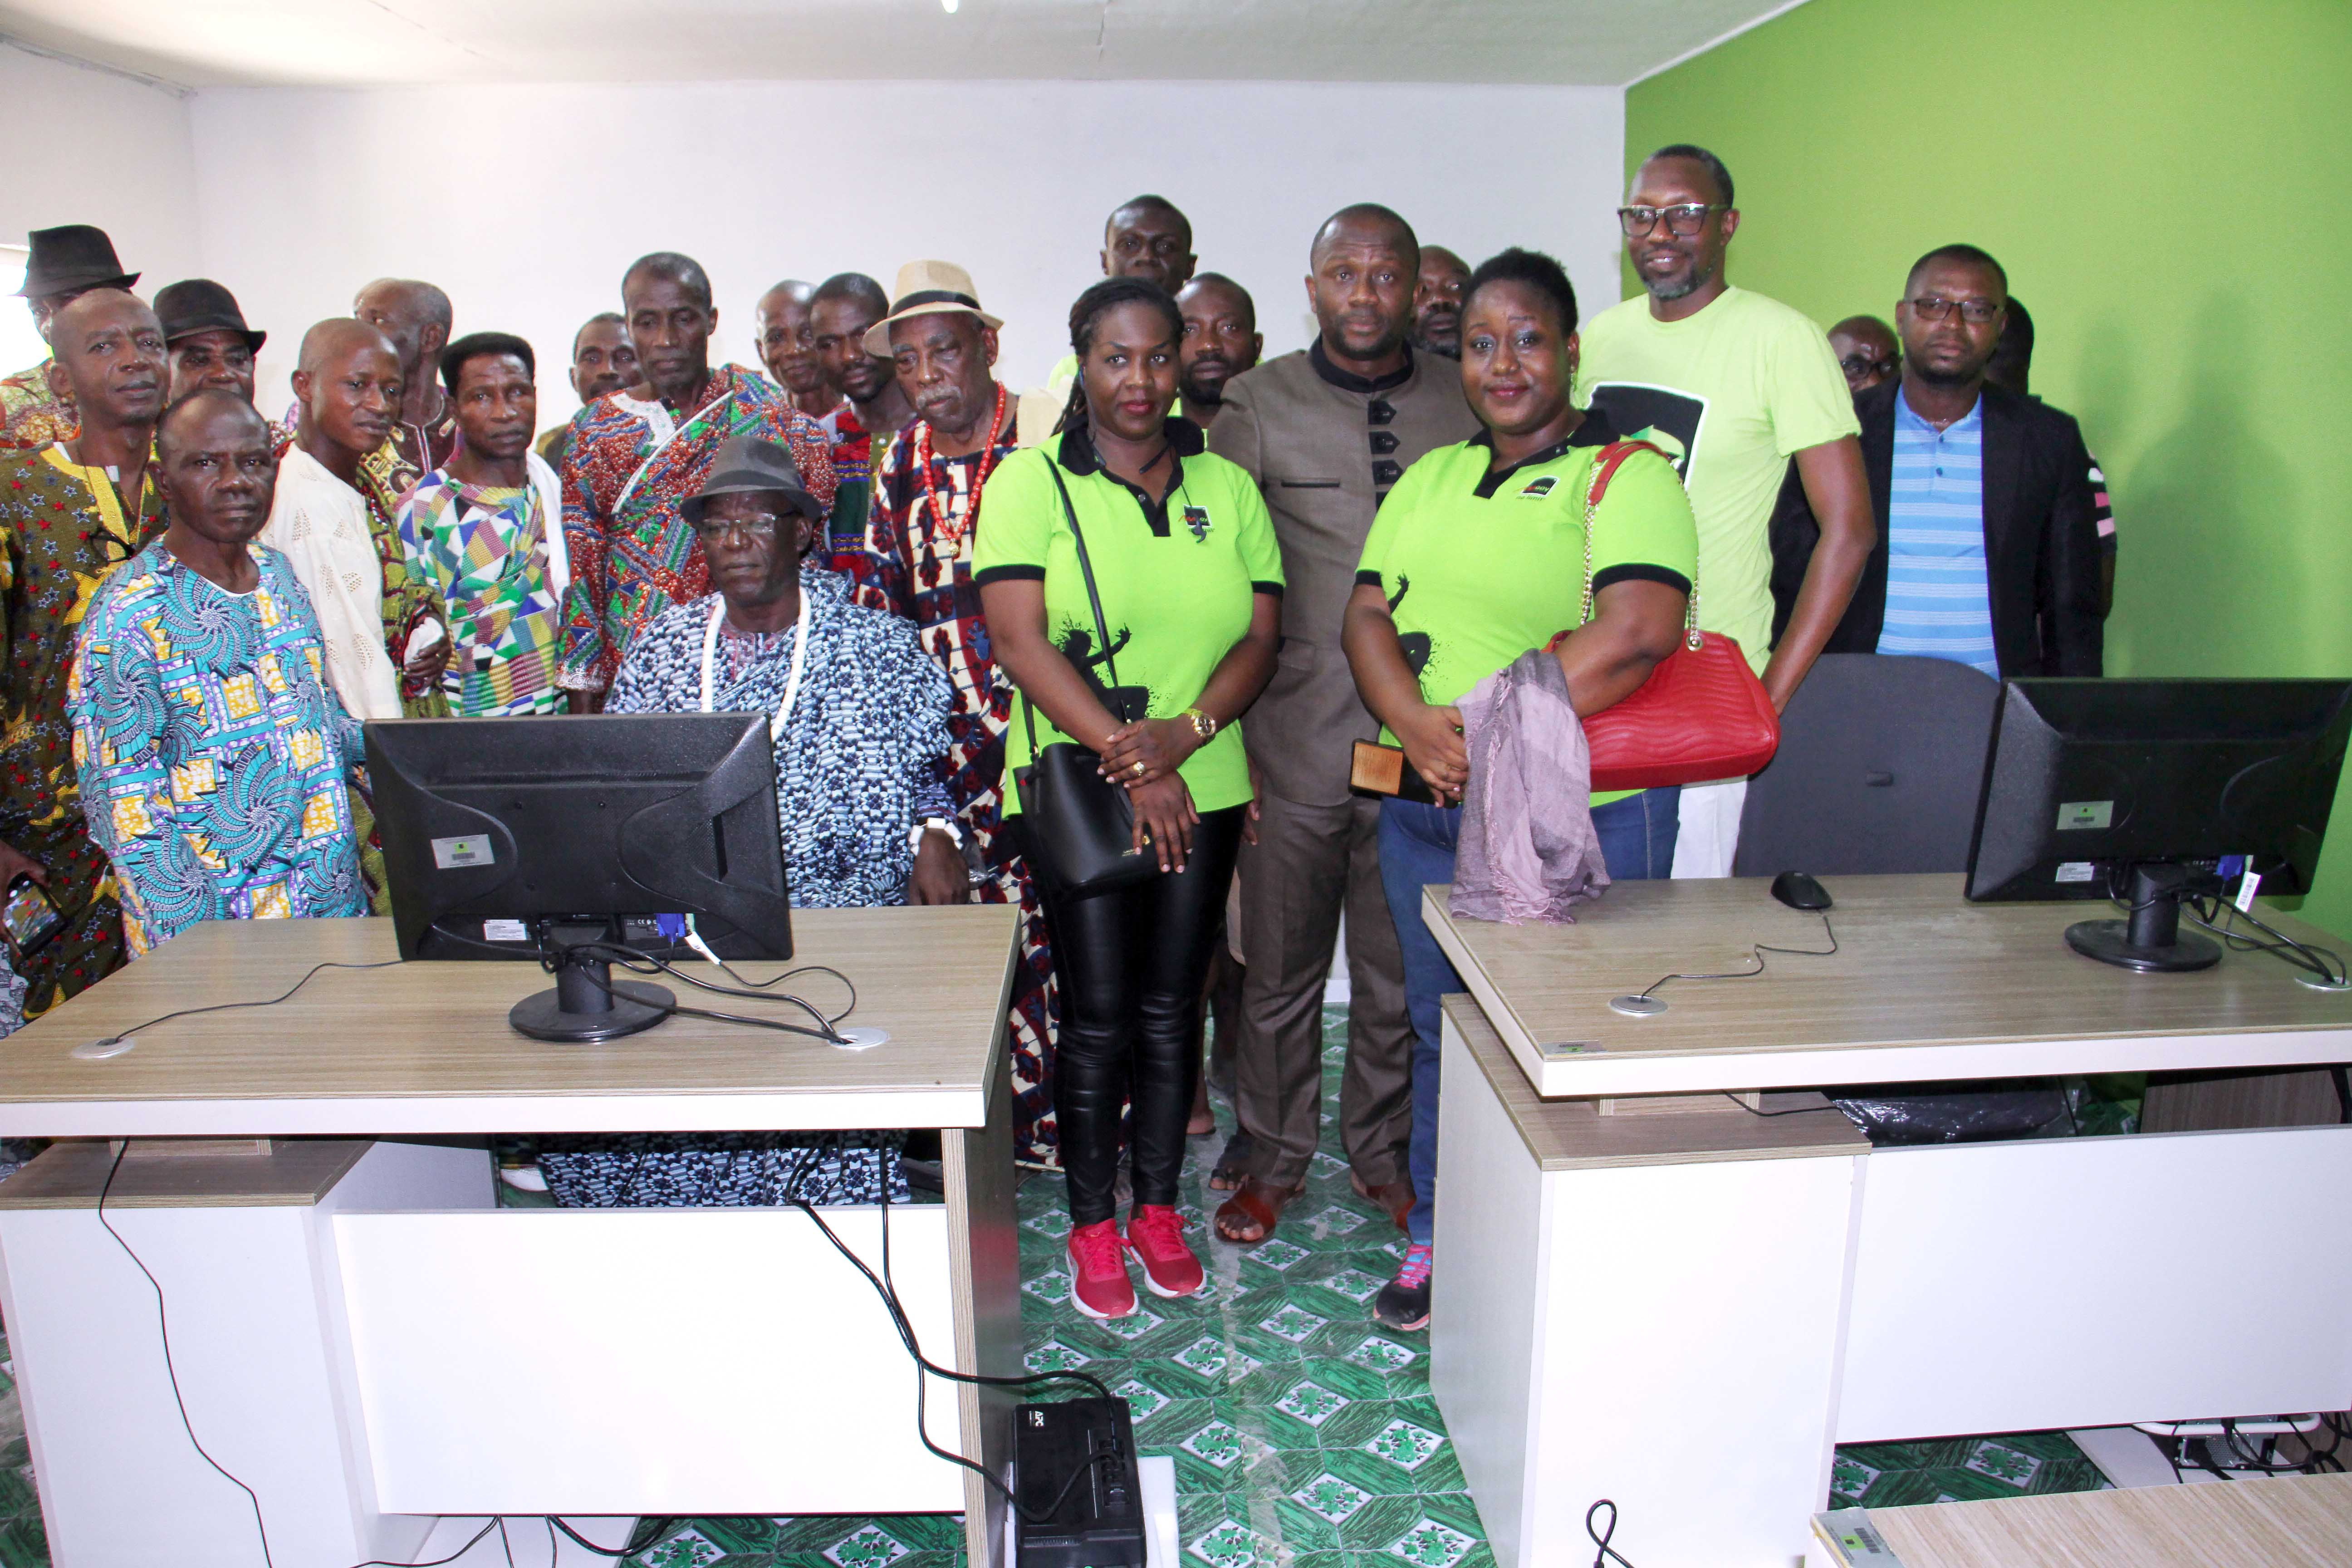 fracture numérique,53 millions FCFA,matériels informatiques,didactiques,dons,Moov Côte d'Ivoire